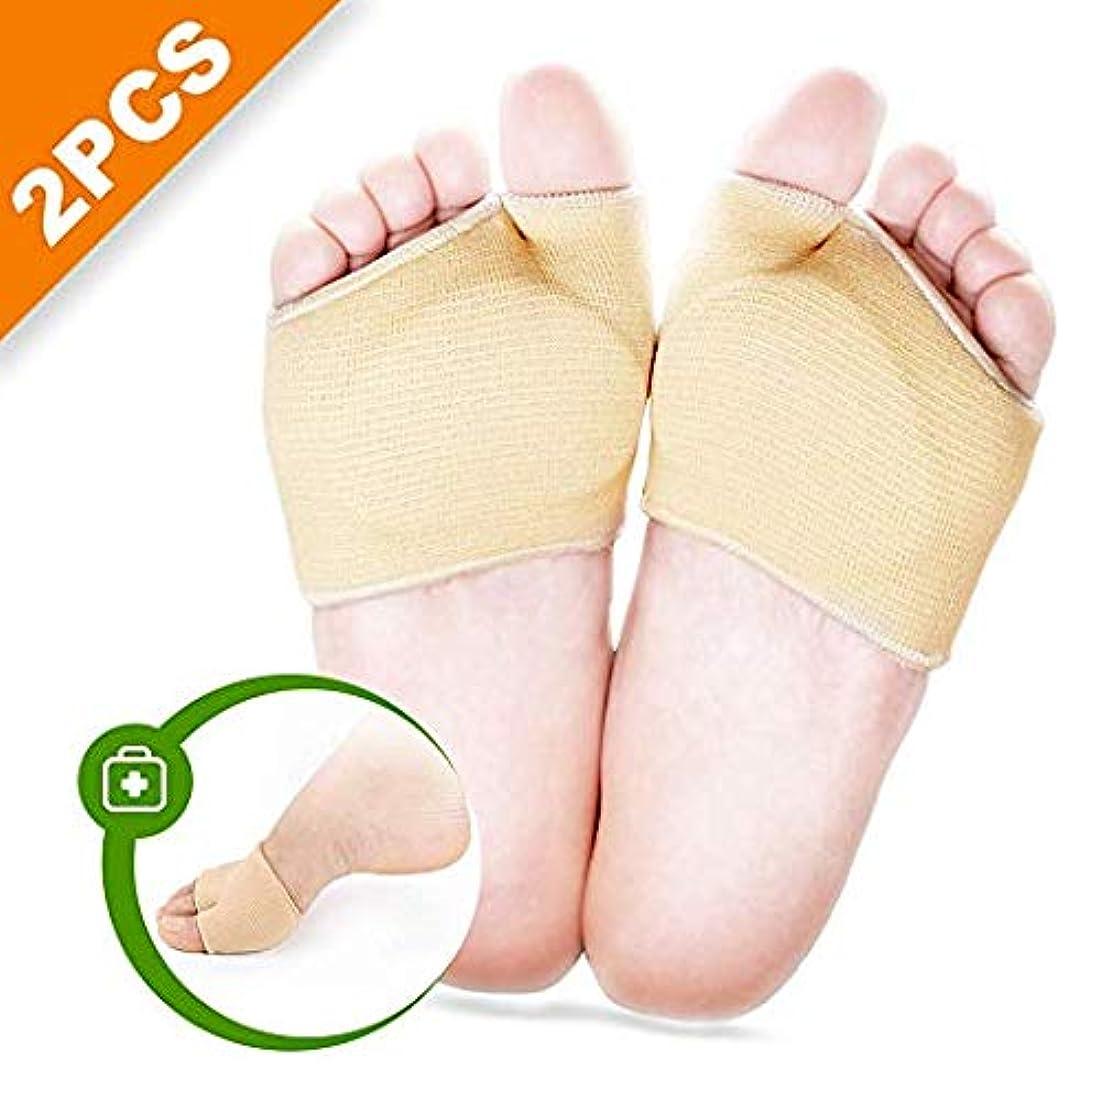 裸アクロバット富女性+男性用の銅圧縮中足パッド。 神経腫、中足骨嚢炎カルス用の最高の銅製フットパッドボールジェルクッションを保証。